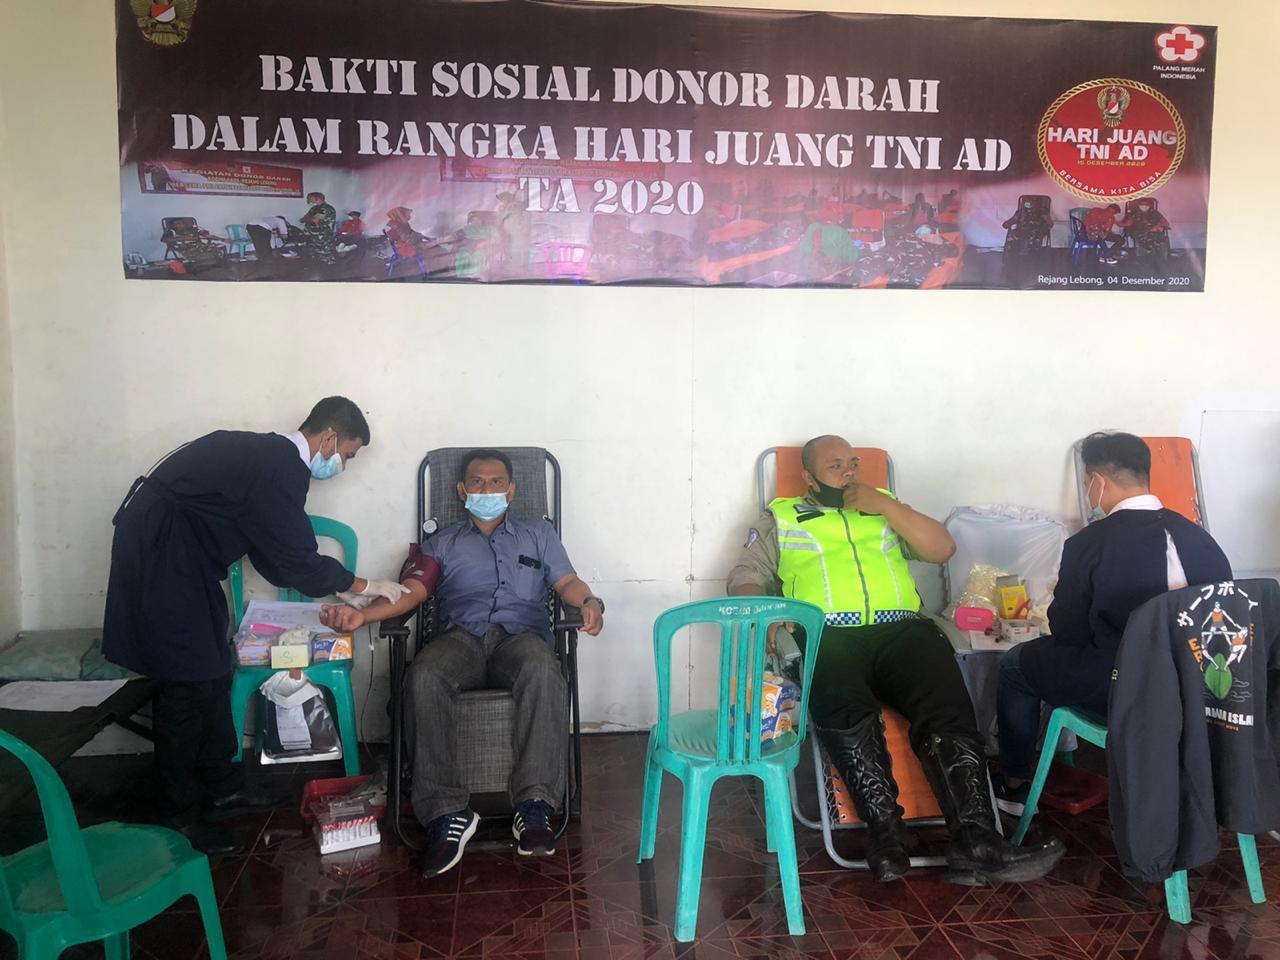 Sinergitas TNI/POLRI, Polres RL Ikut Donor Darah Peringati Hari Juang TNI AD